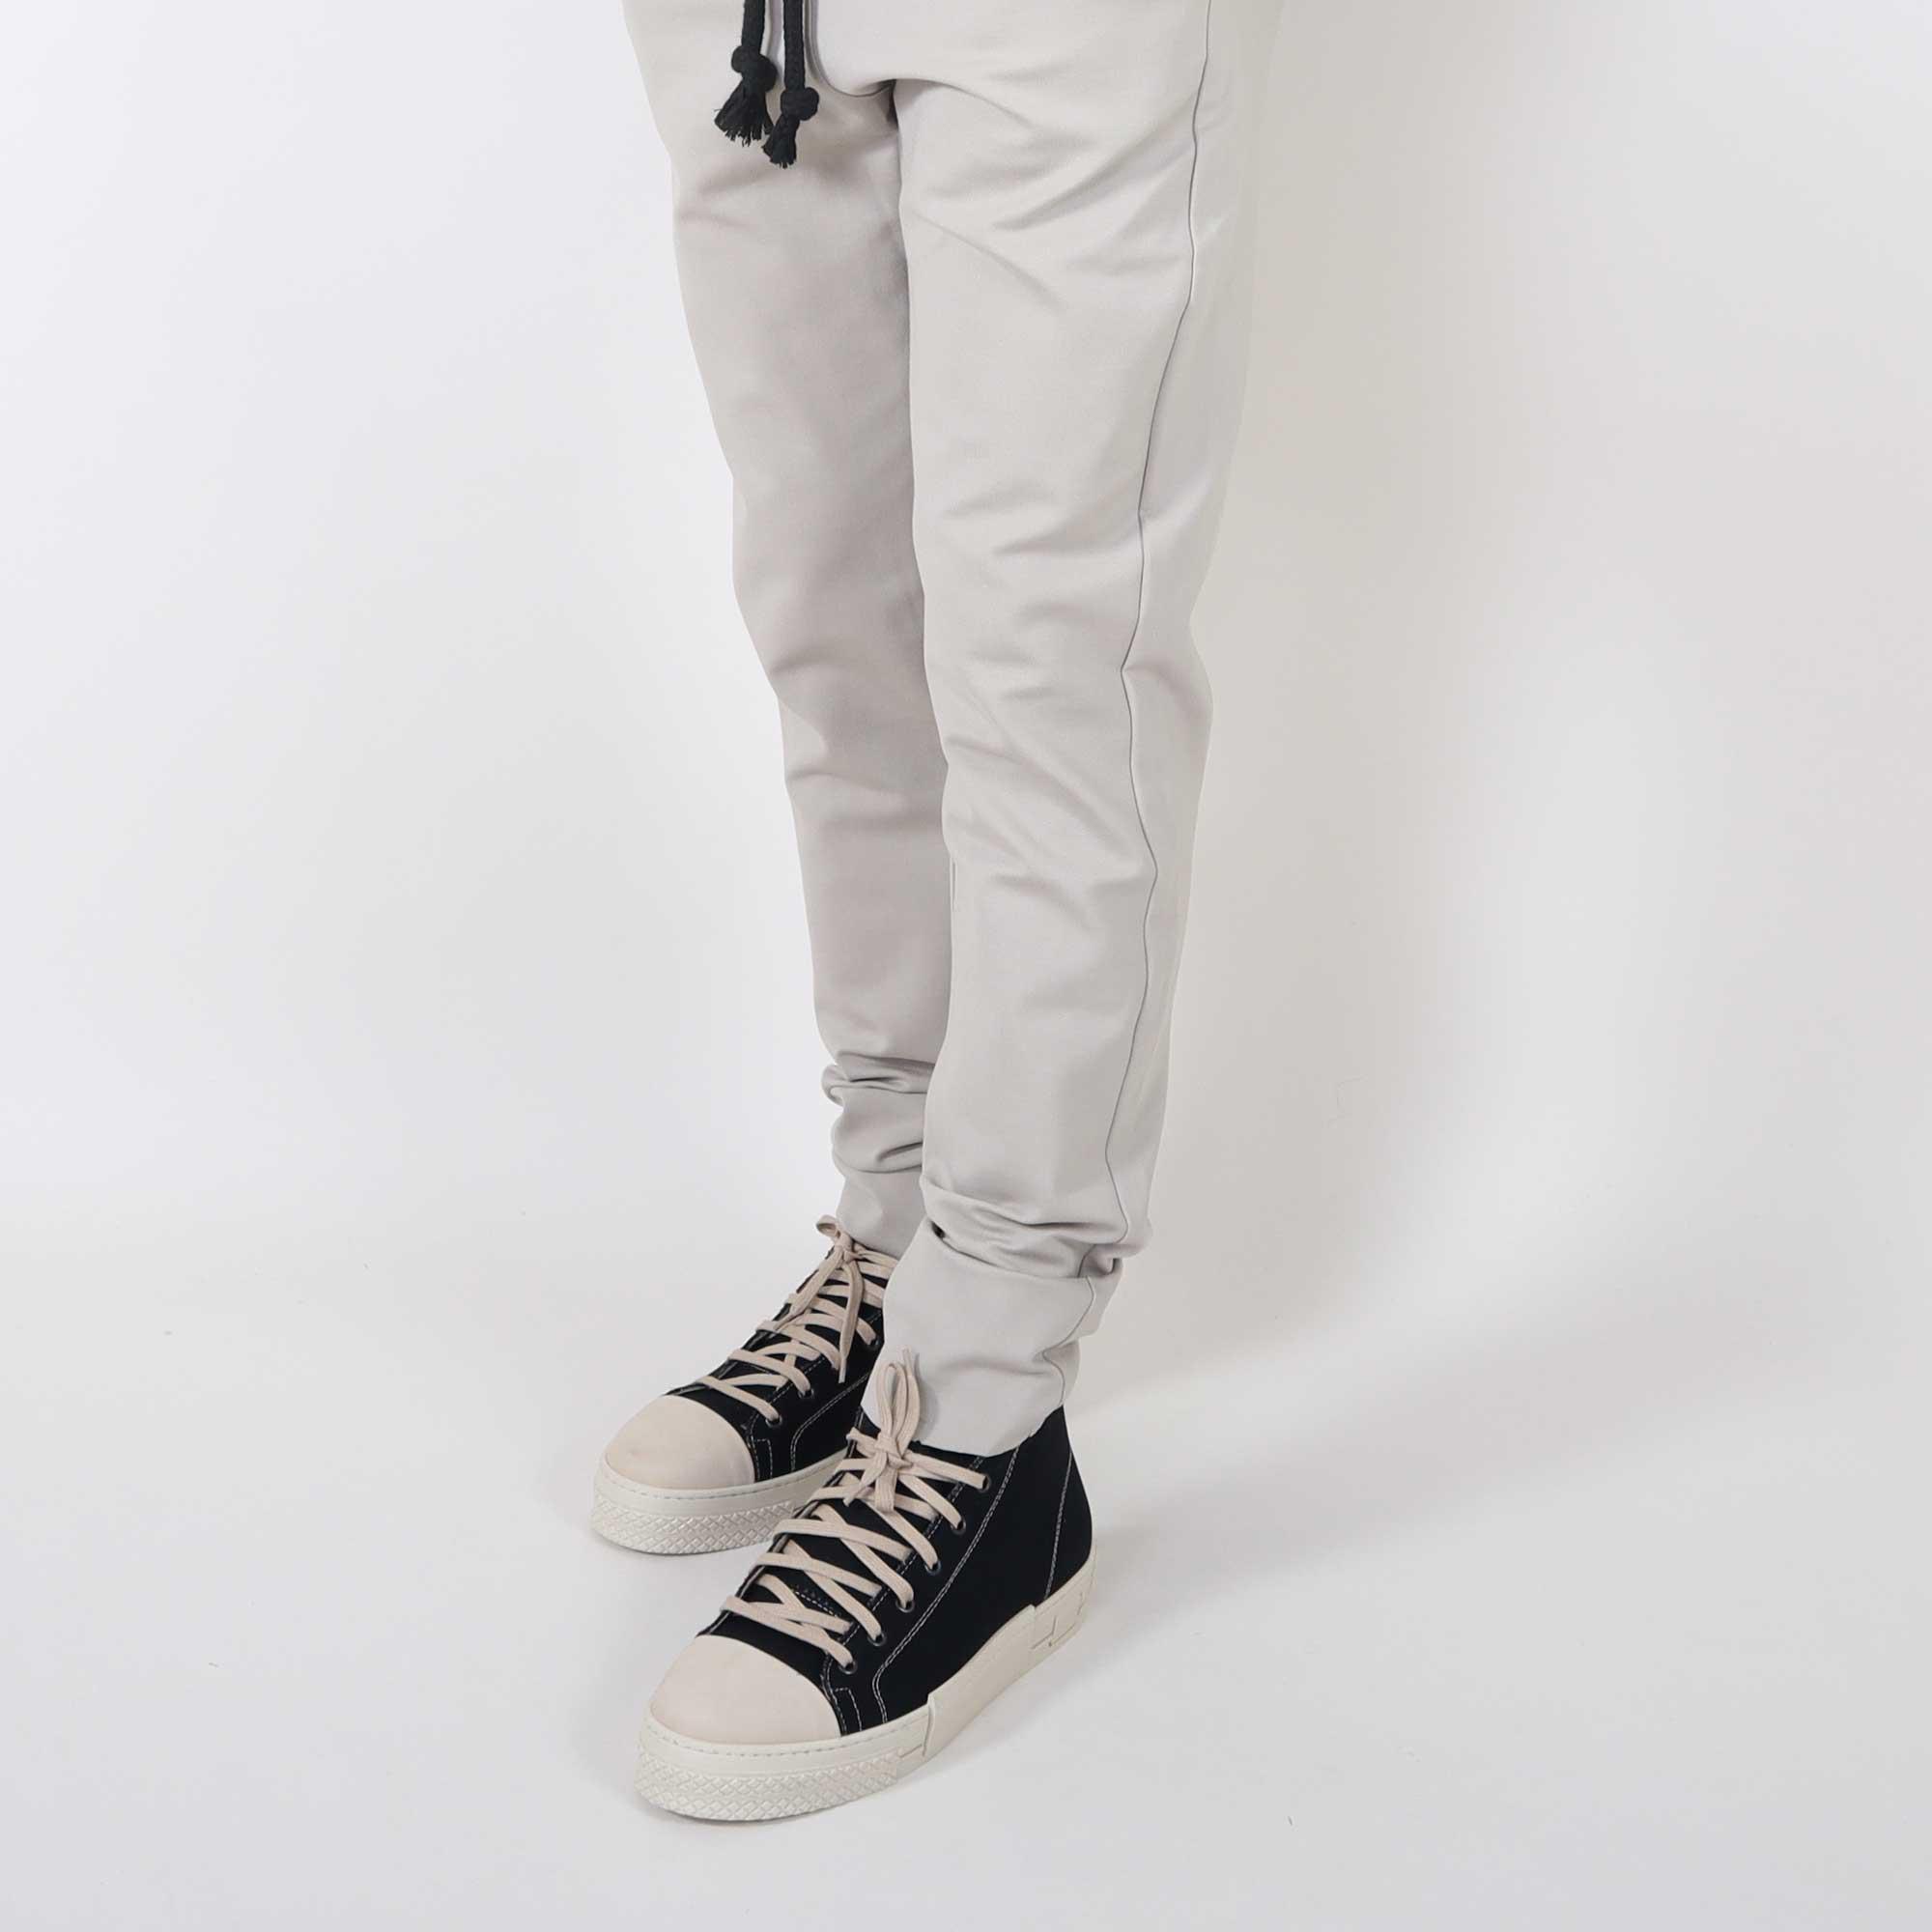 sneaker-8